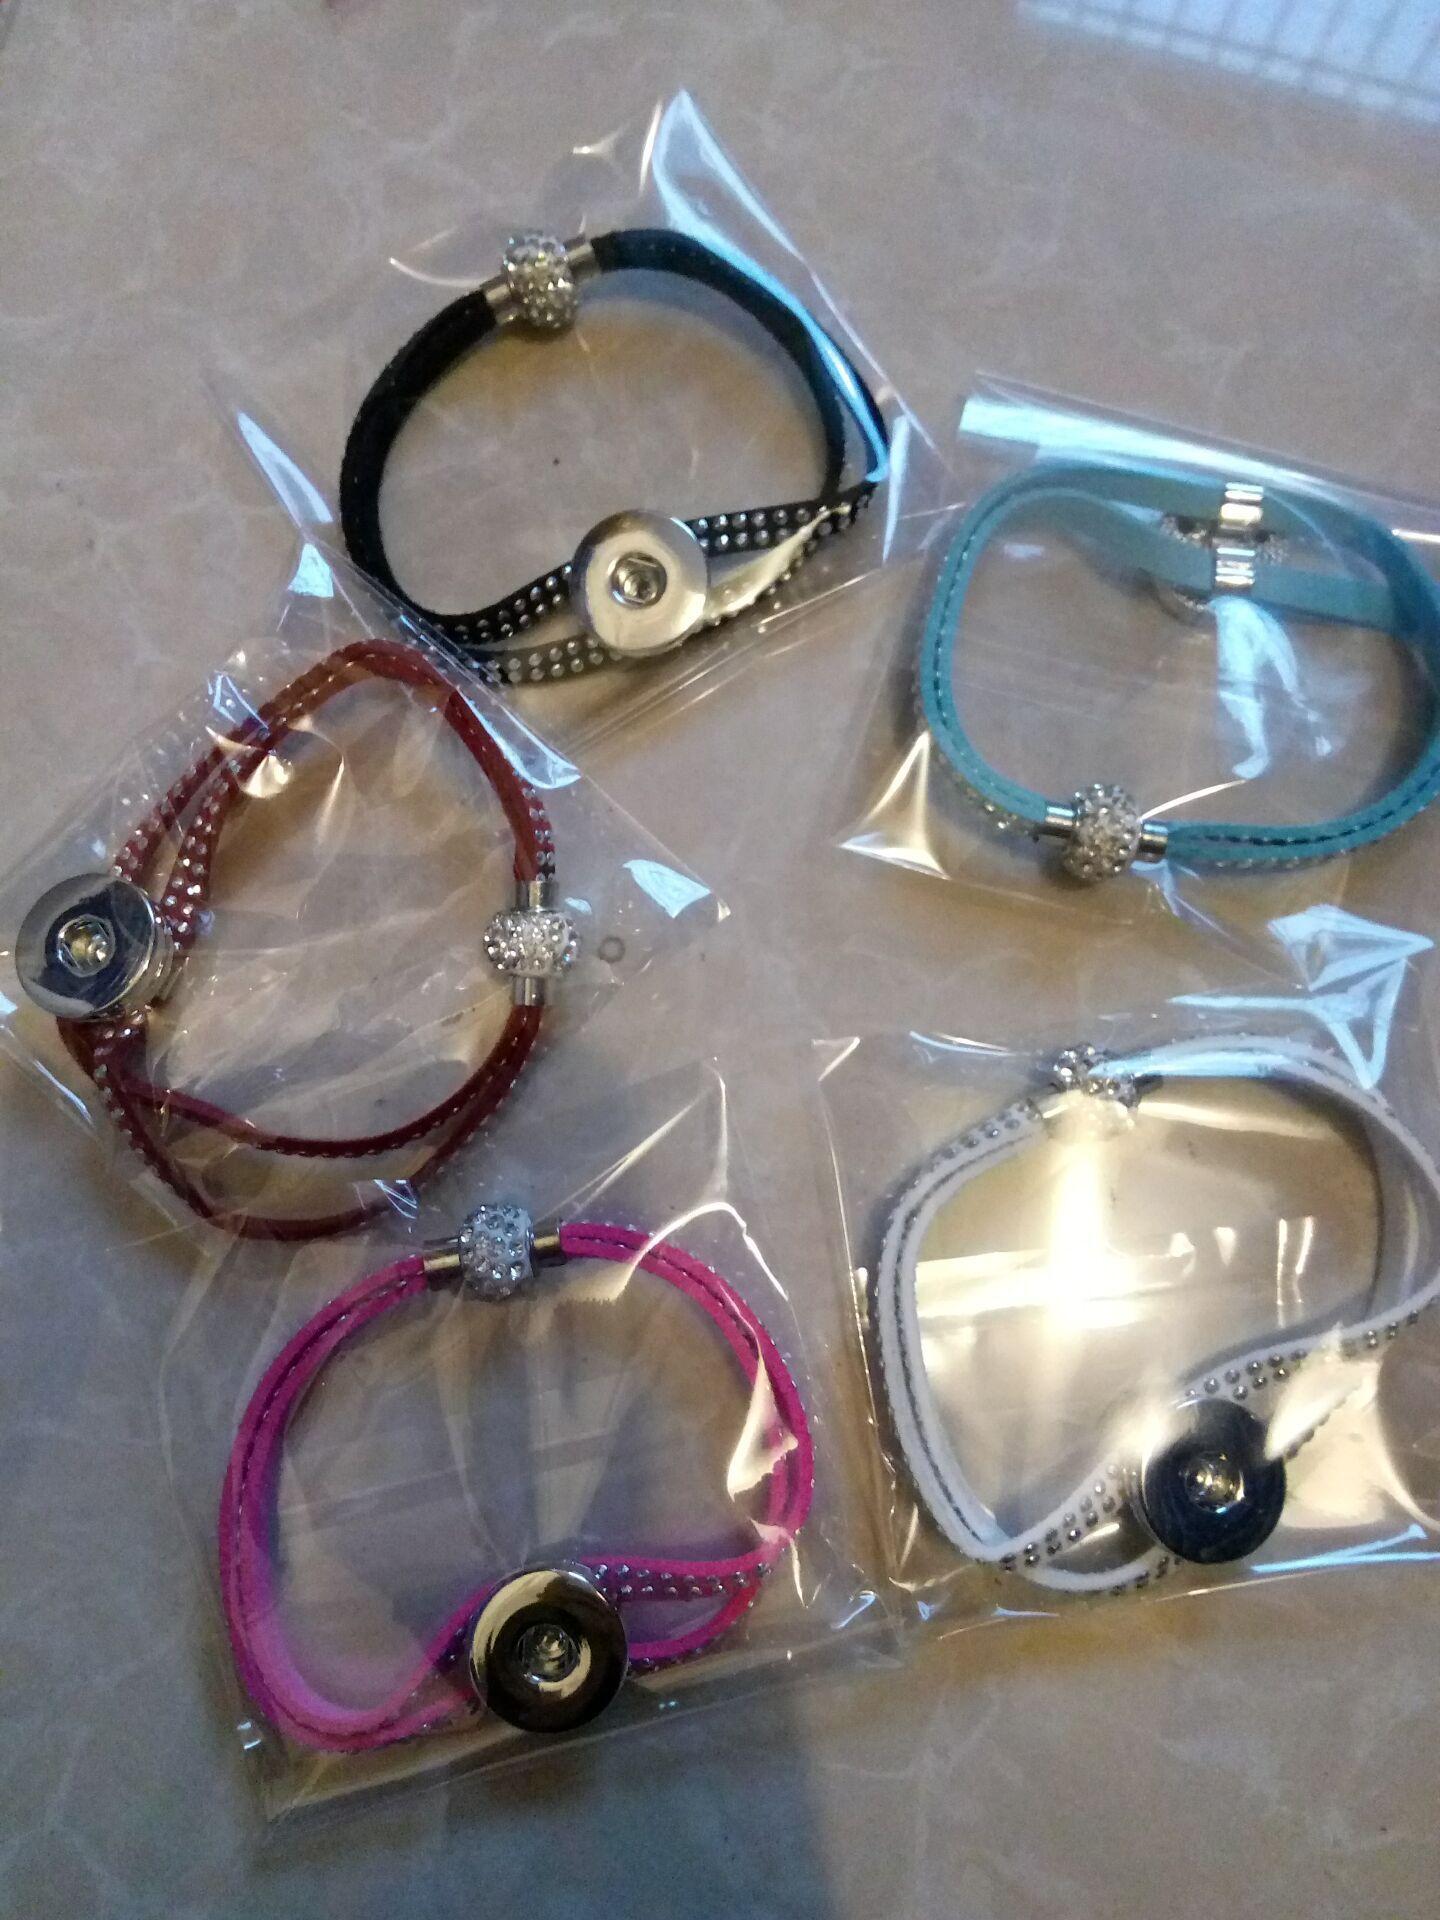 Noosa 2 rollos de cuero Crystal Rhinestone imán corchete de jengibre de metal 18mm Snap Buttons pulsera de joyería unisex